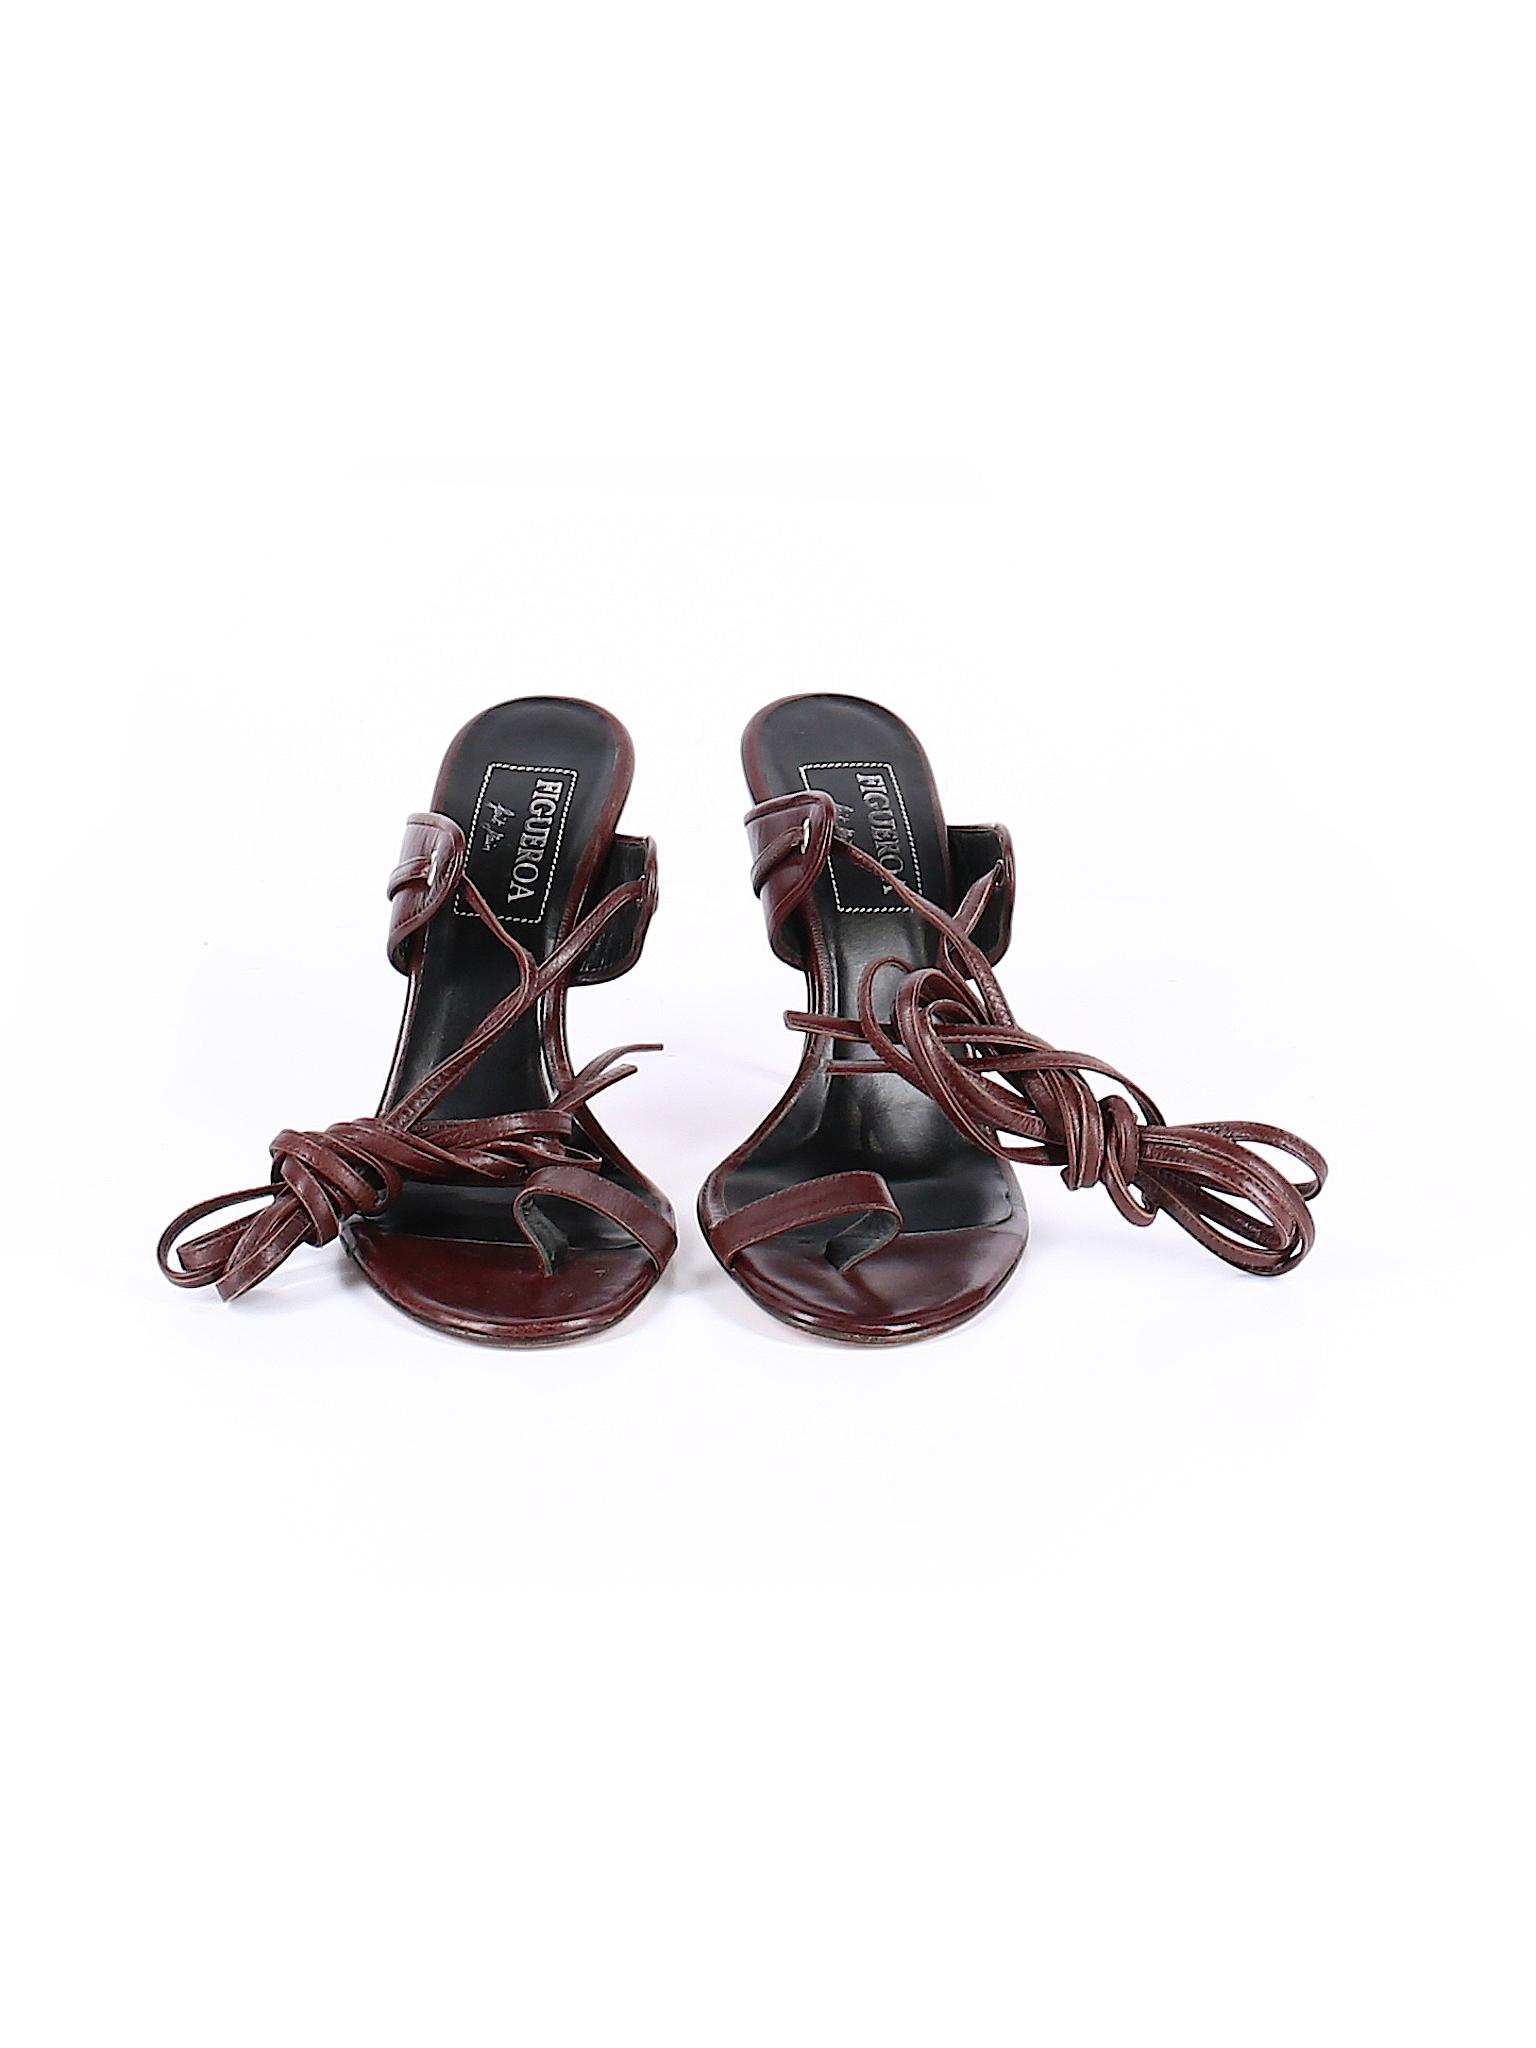 promotion Flower Boutique Heels amp; Figueroa 7qxwxd0B